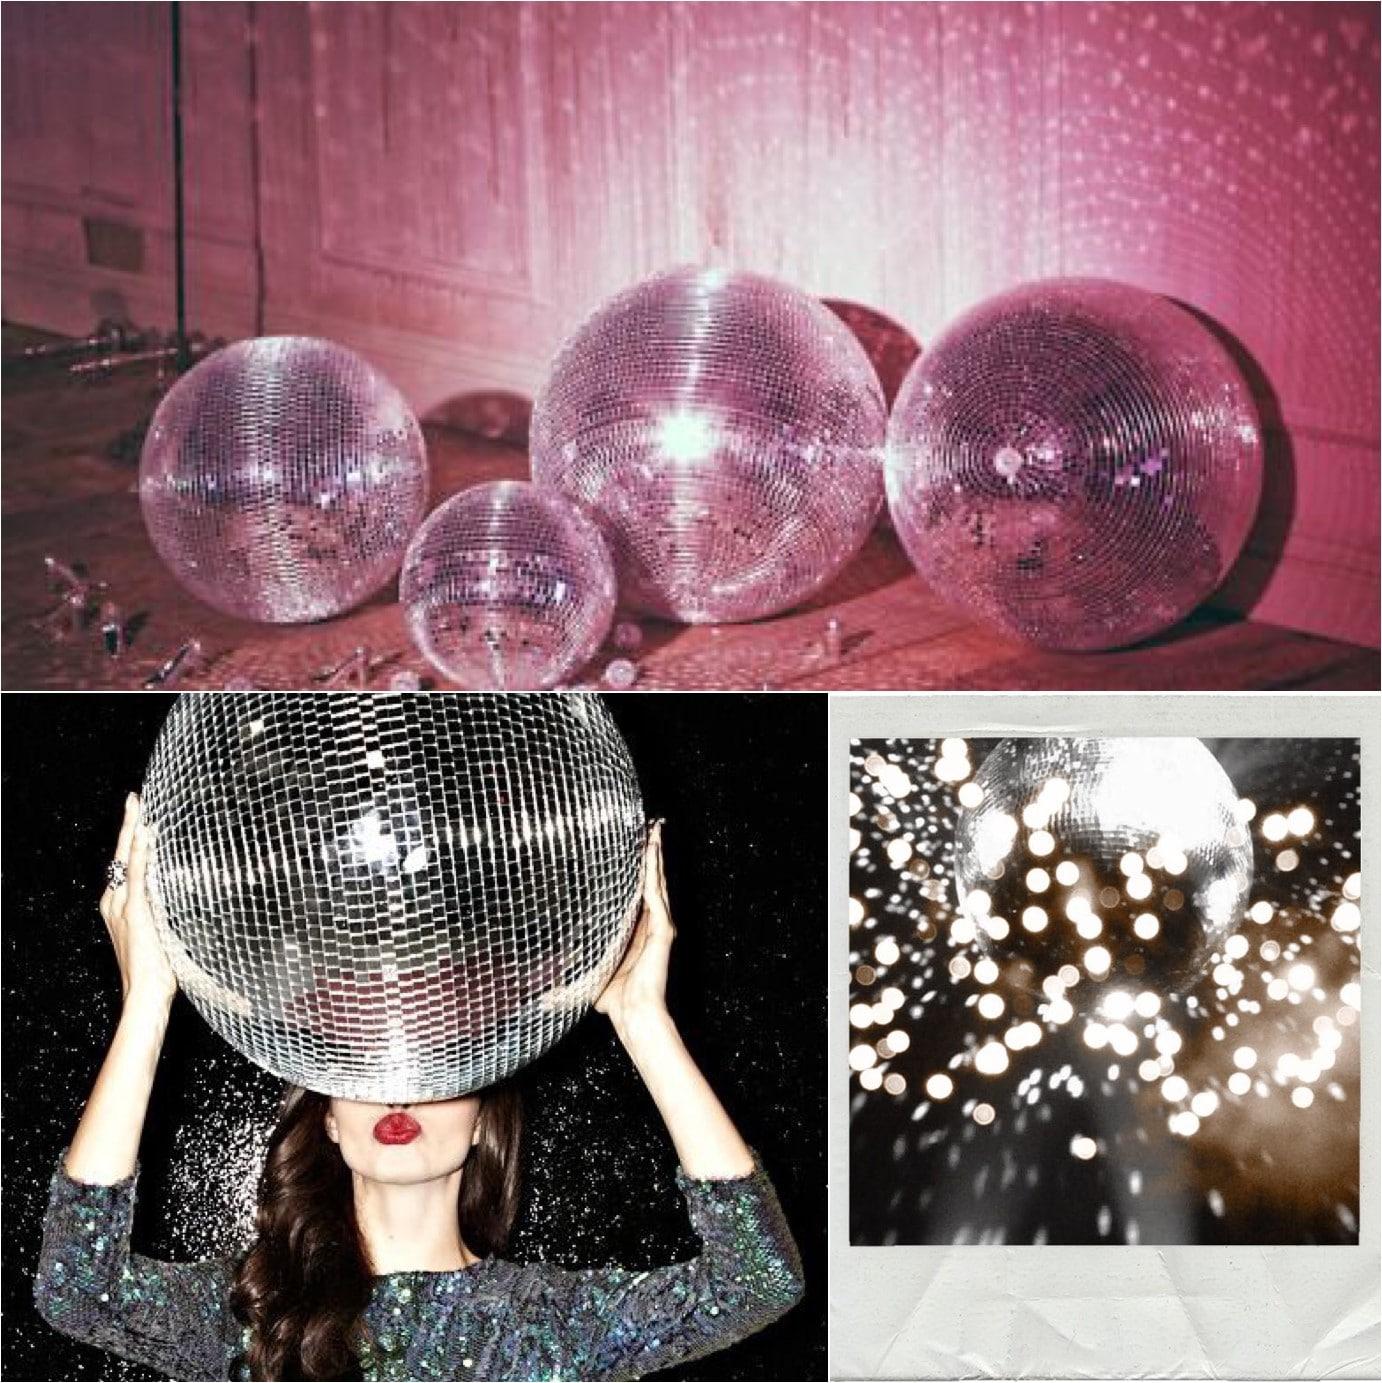 glitter-balls